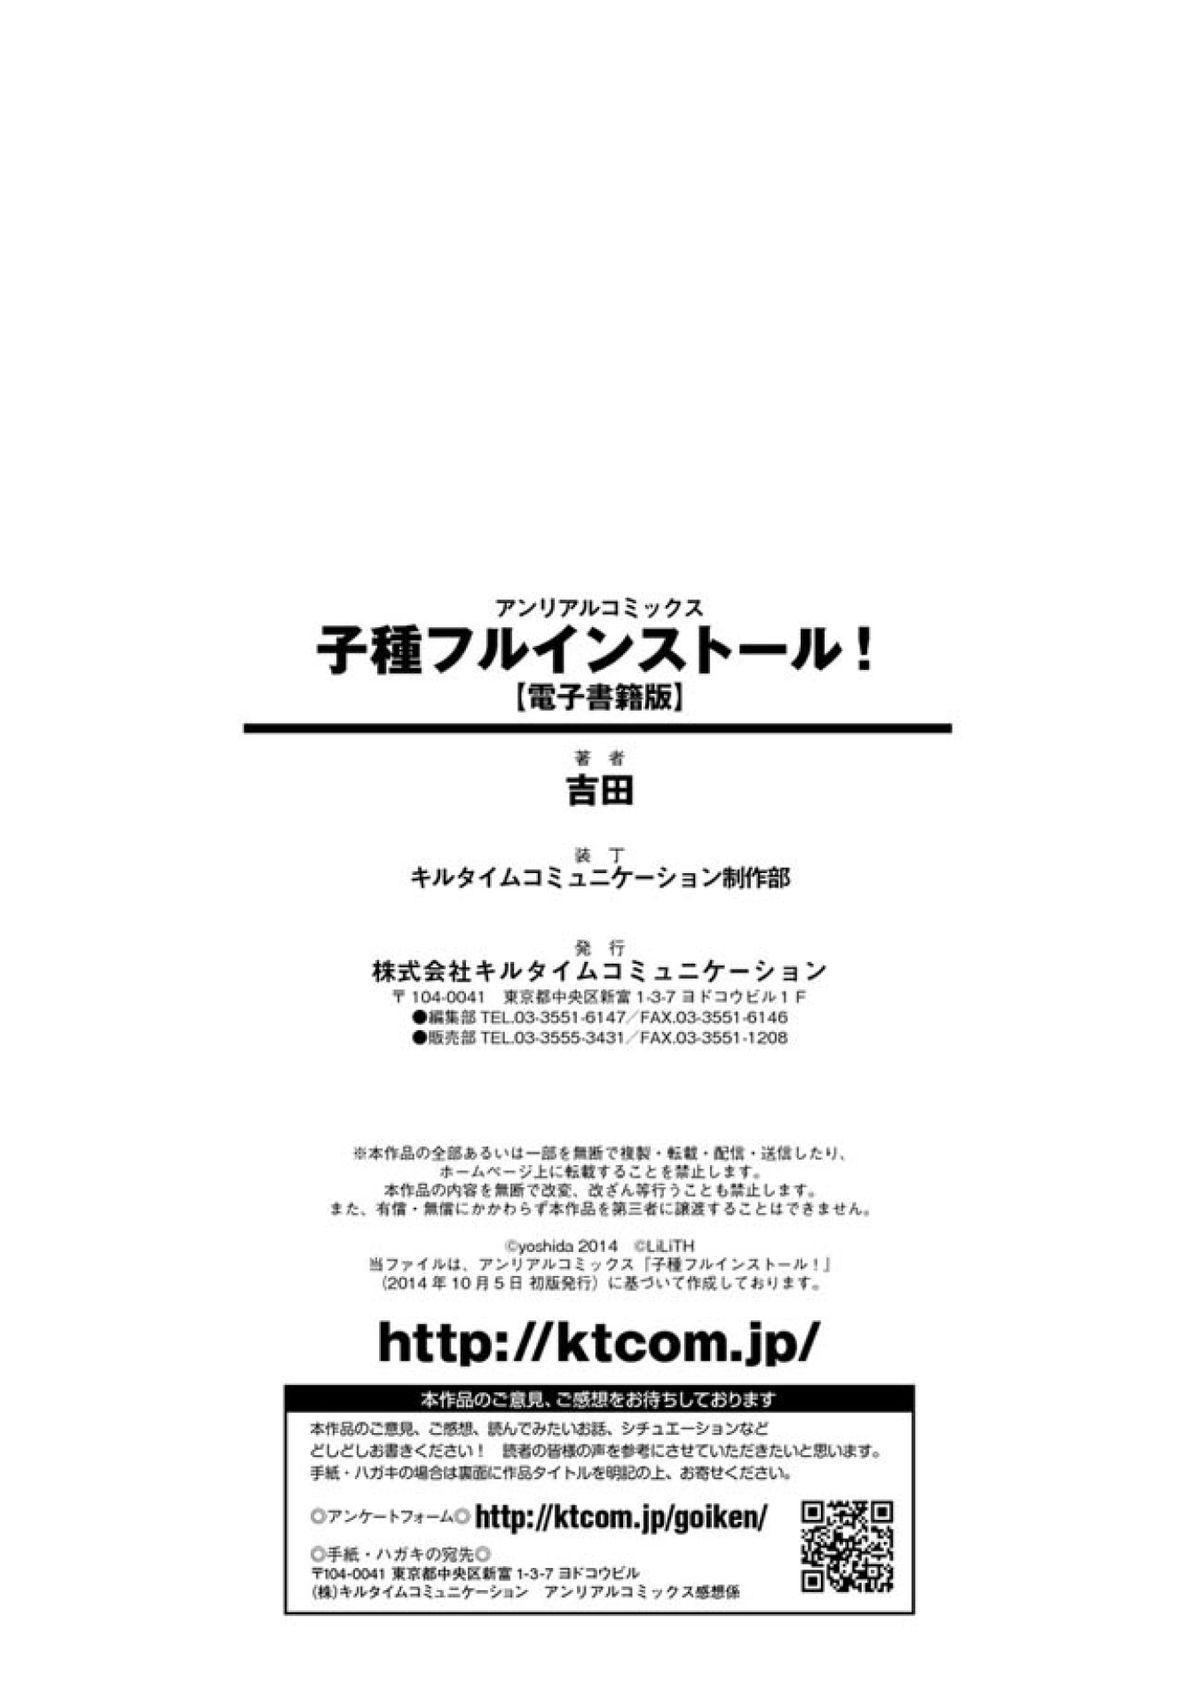 Kodane Full Install! - Progeny Full Install! 185